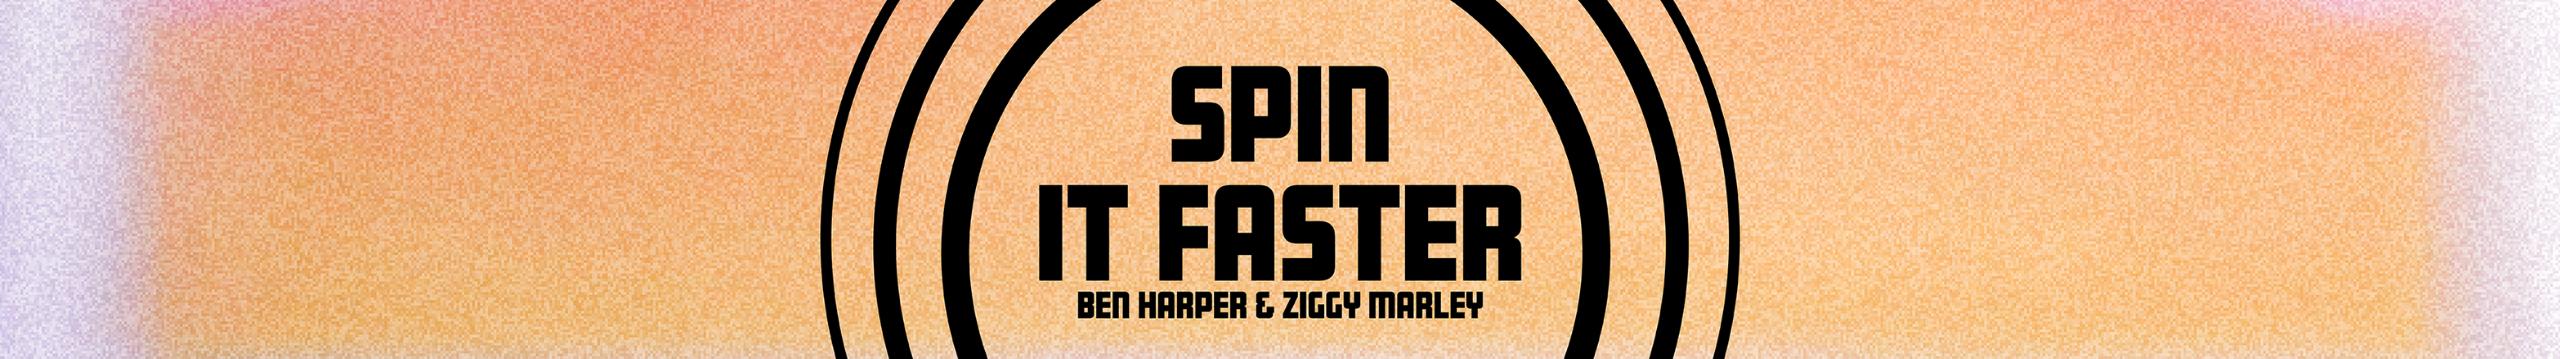 Spin It Faster Ben Harper Ziggy Marley